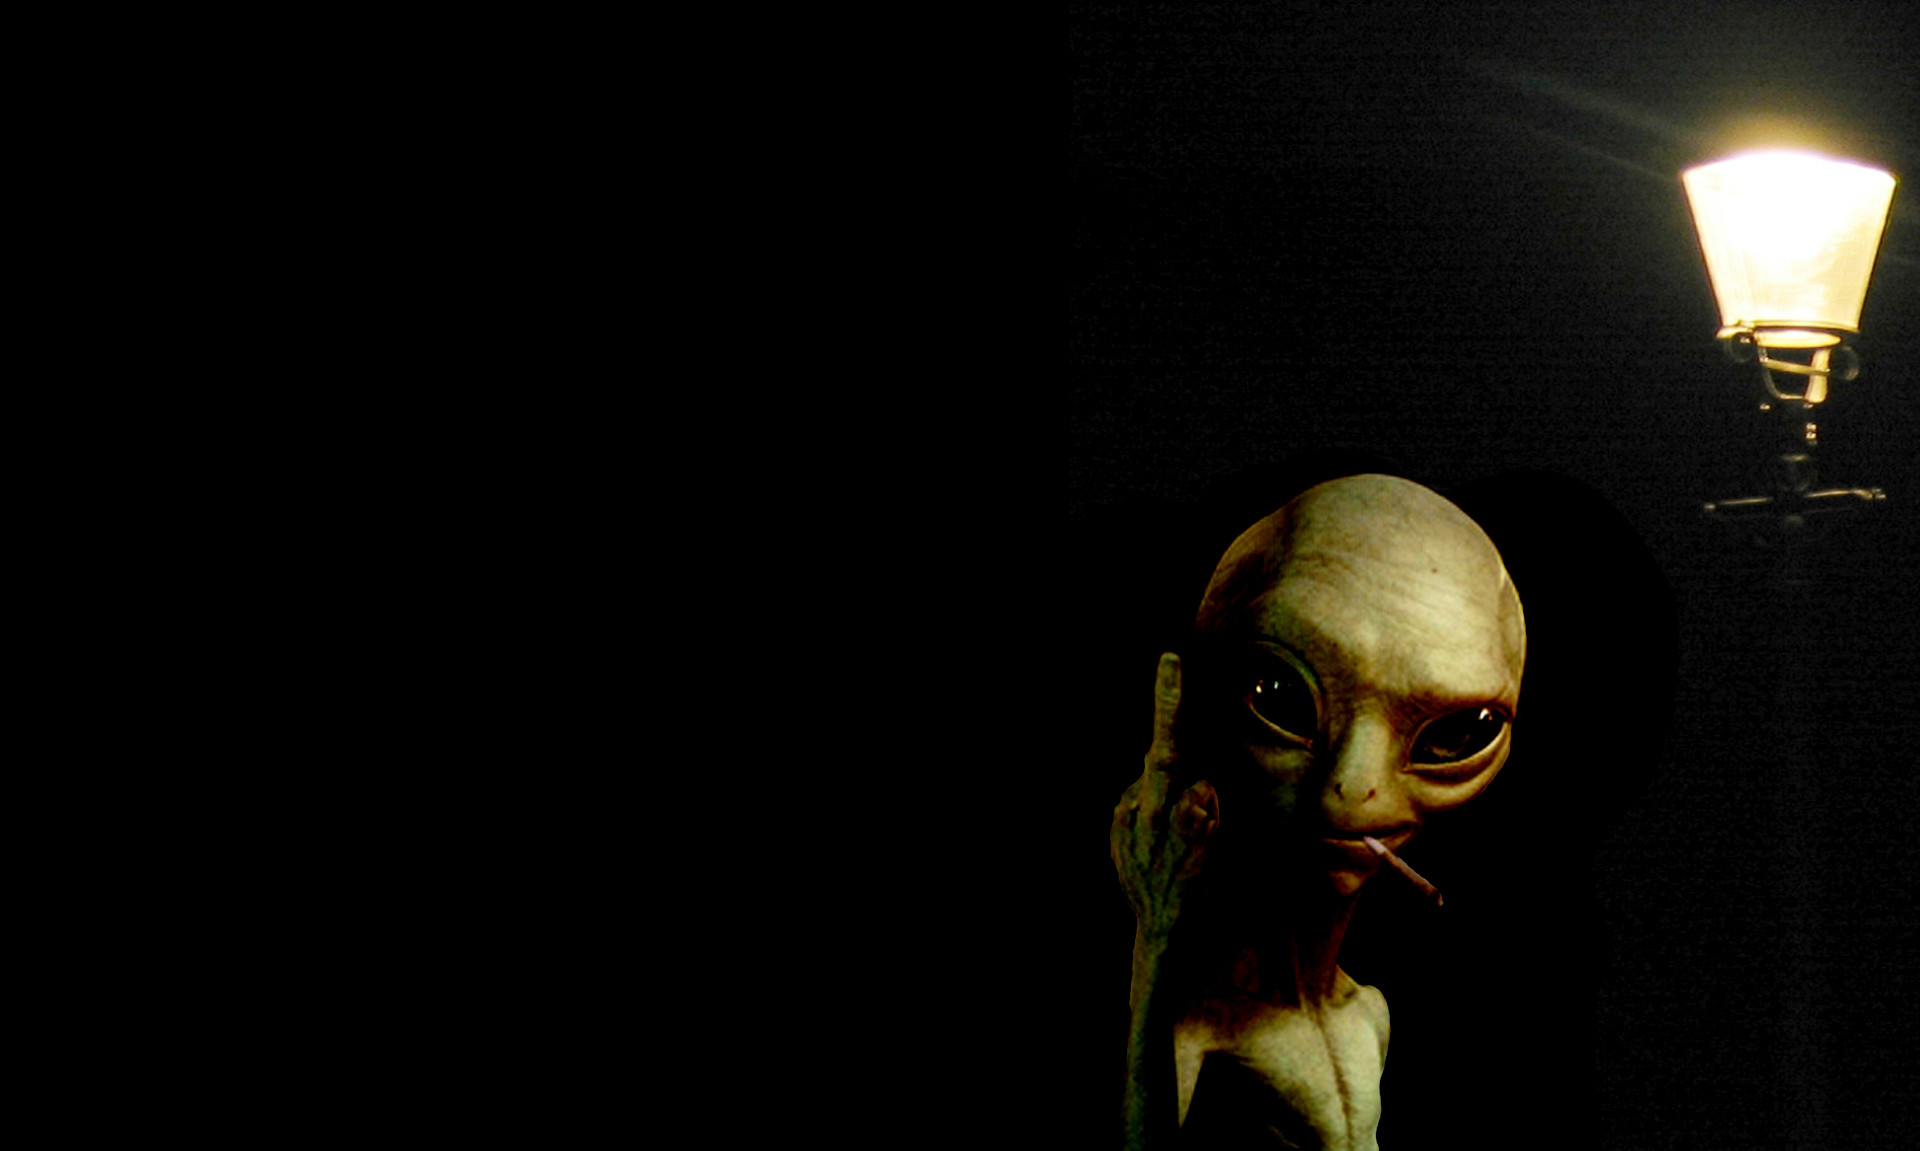 Alien Wallpapers 72 Pictures